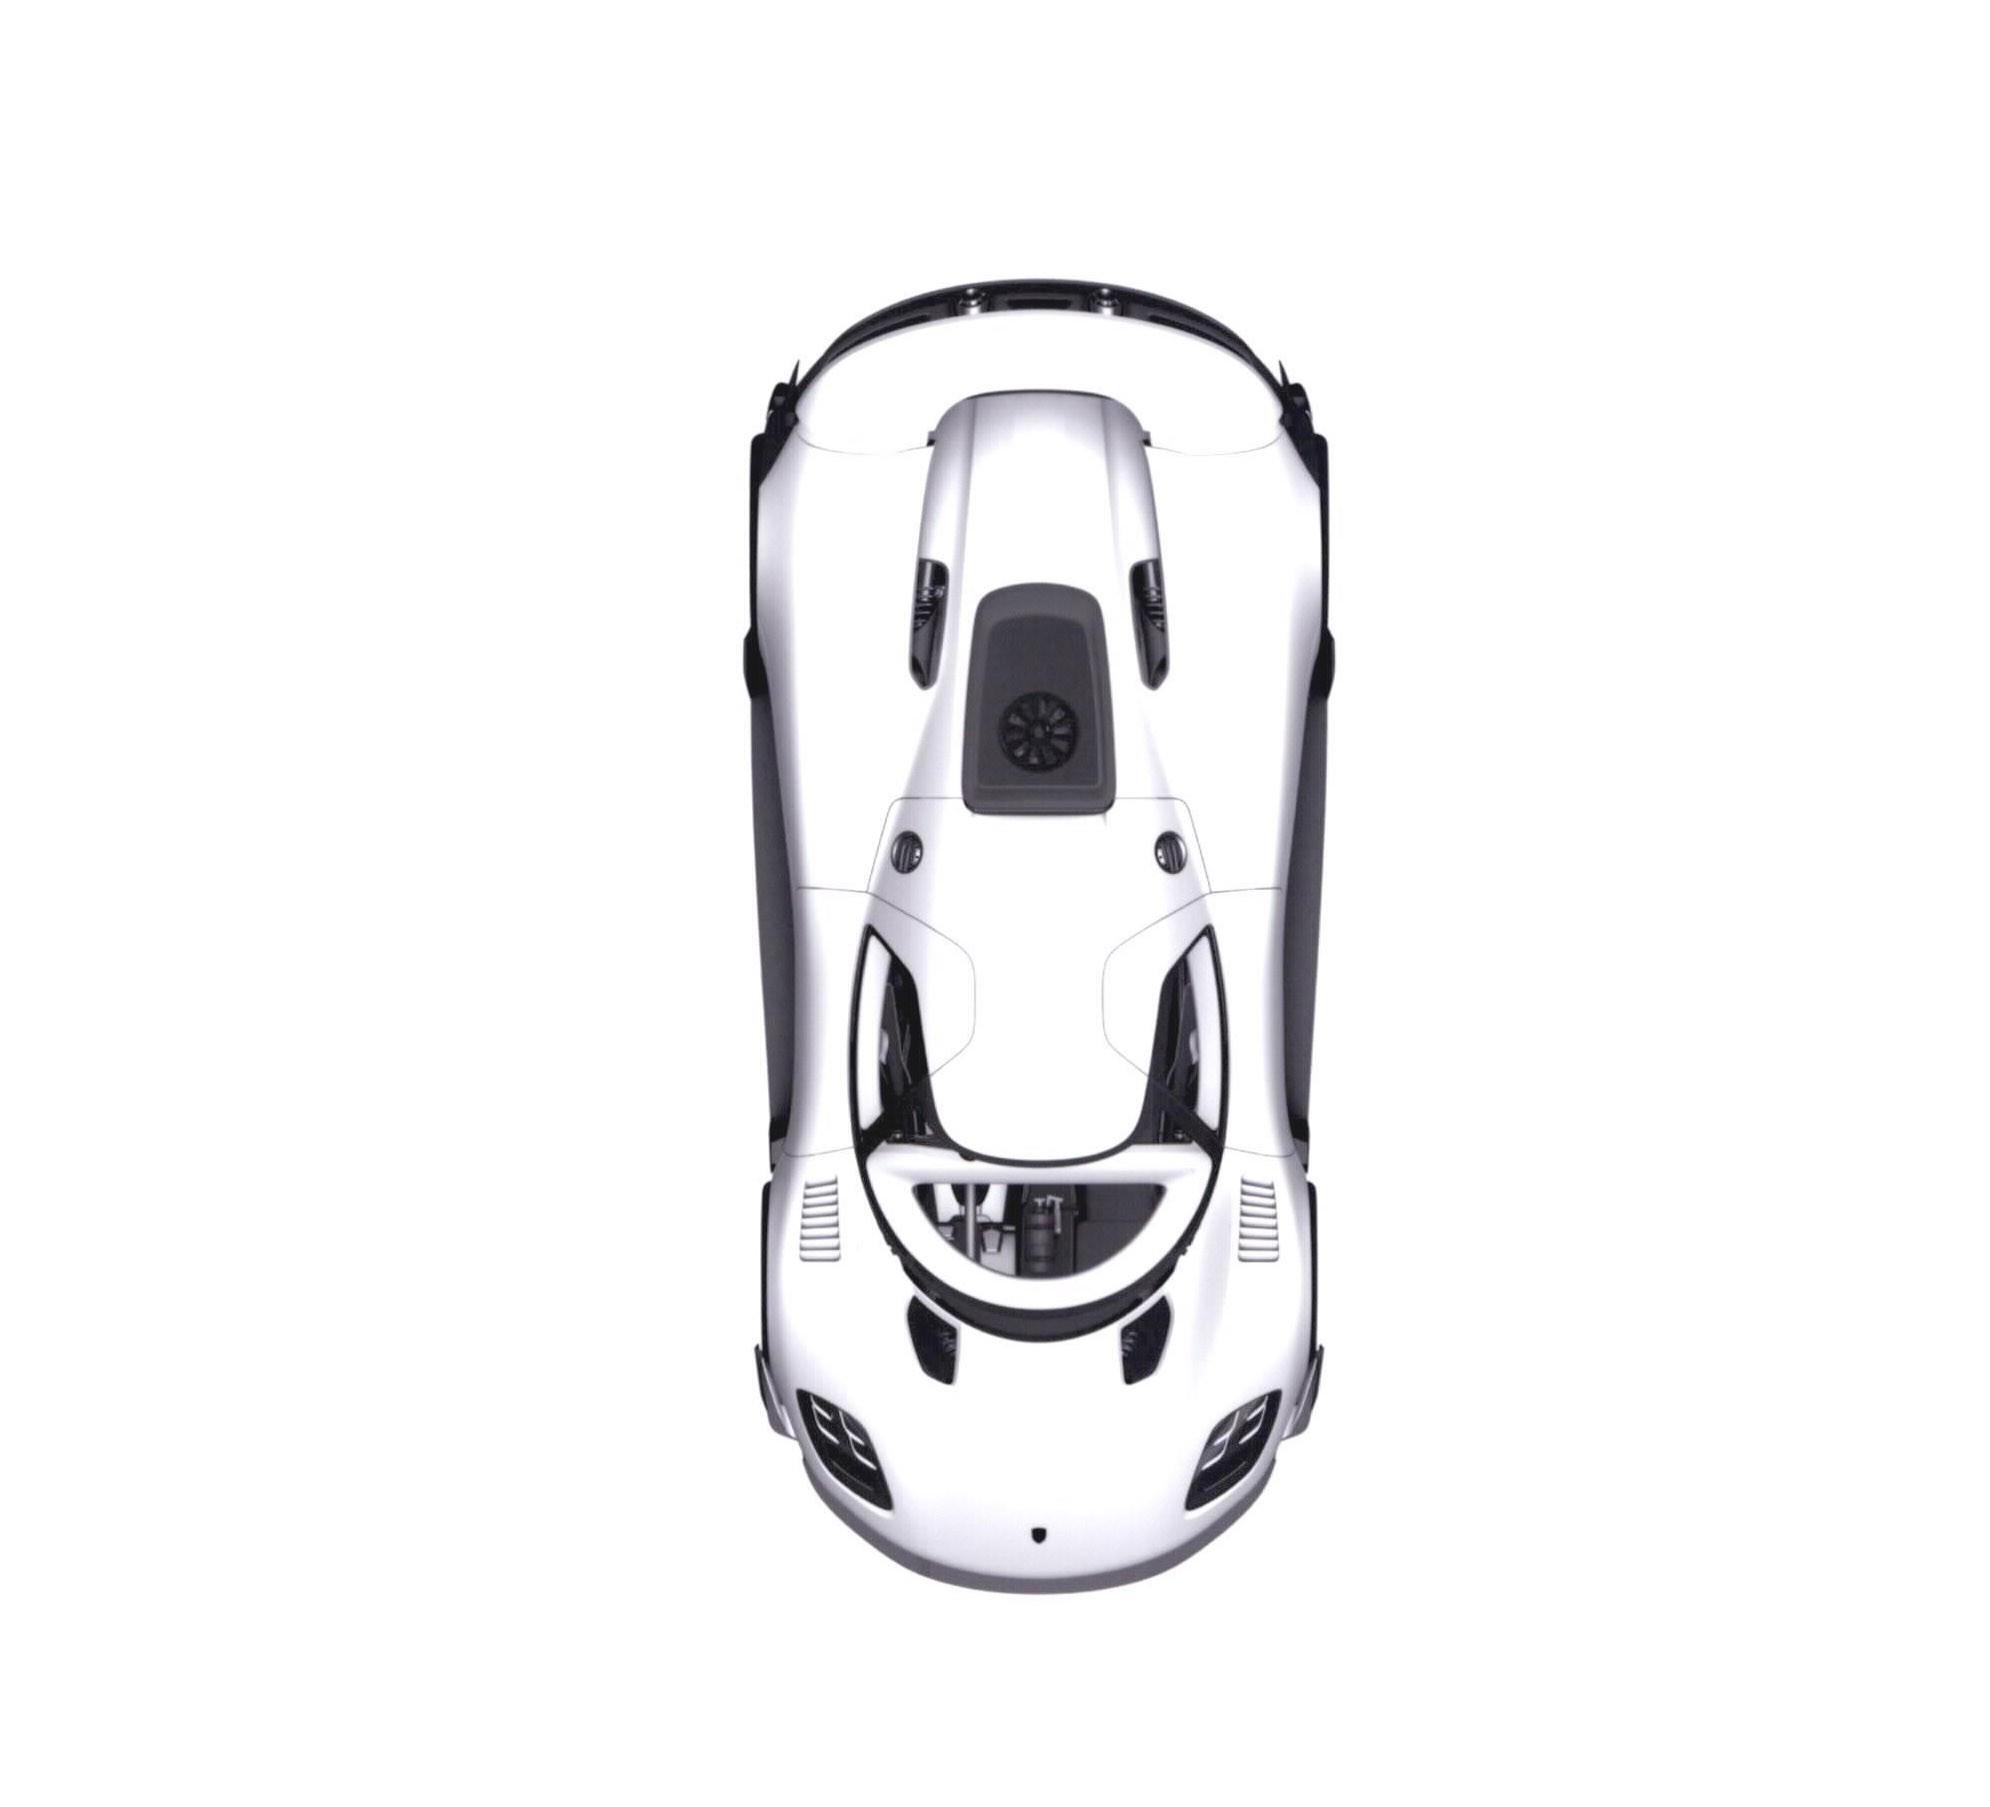 Porsche-918-Spyder-Successor-Patent-Images-9